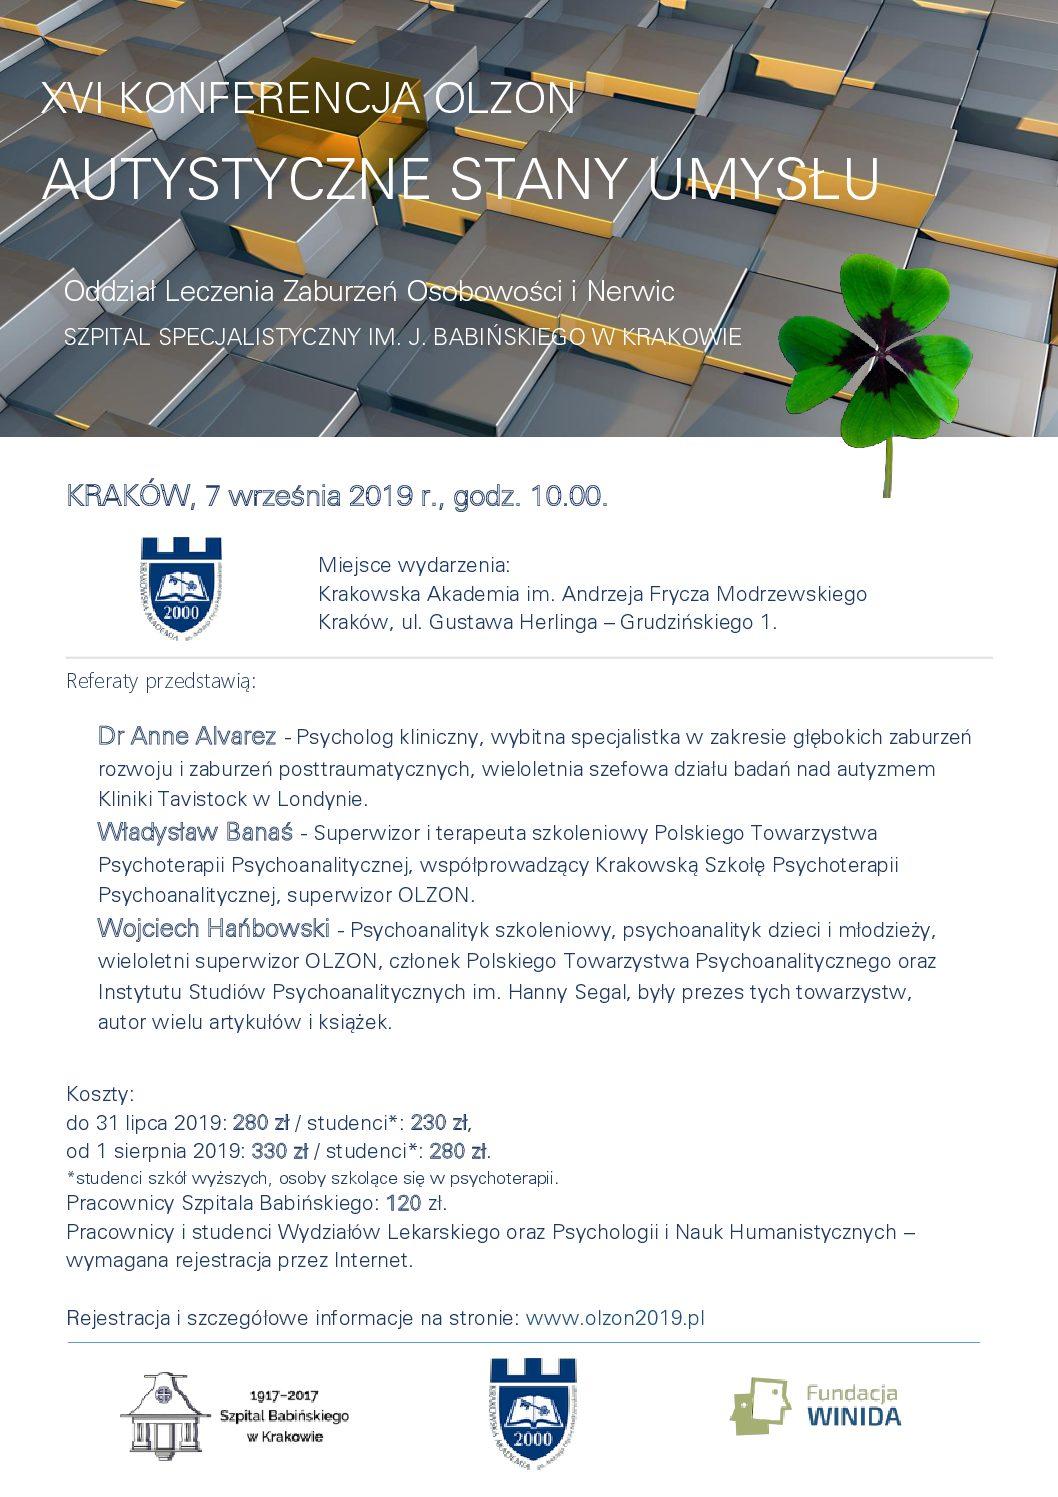 """07.09.2019 XVI Konferencja OLZON """"Autystyczne stany umysłu"""""""